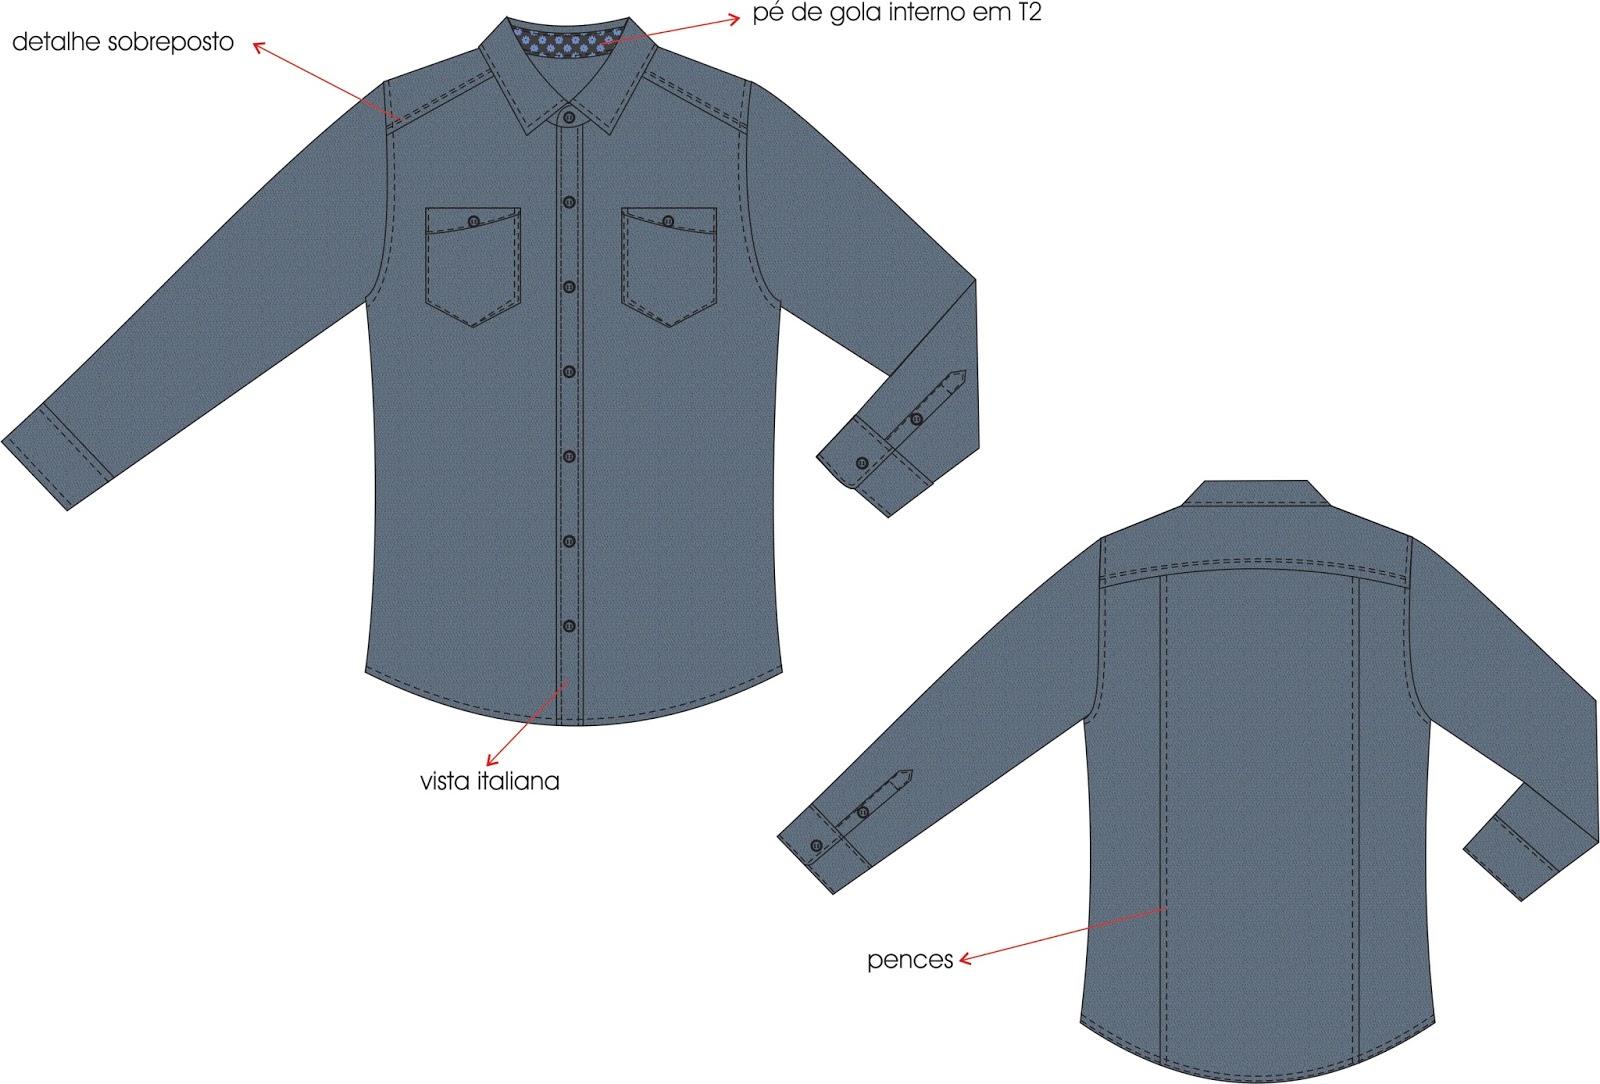 2a416c1f3 Raquel rocha desenhos camisas masculinas jpg 1600x1084 Desenhos de camisas